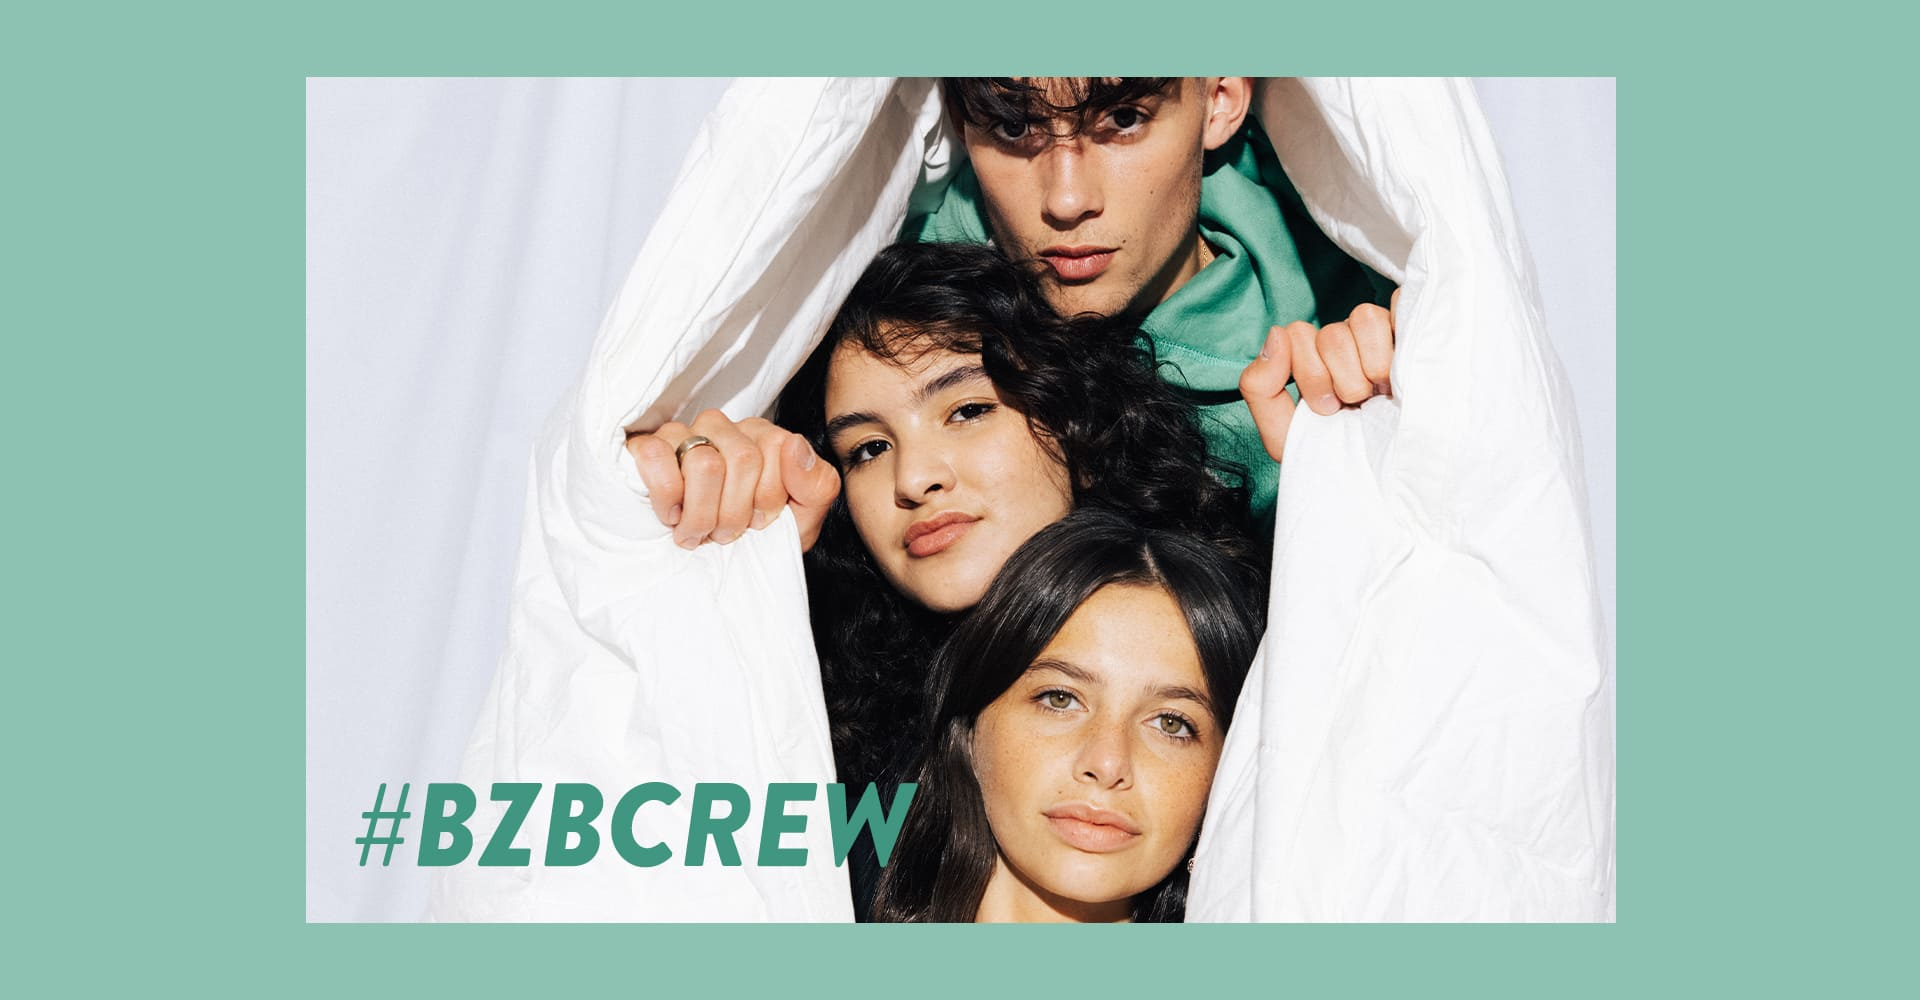 #BZBCREW